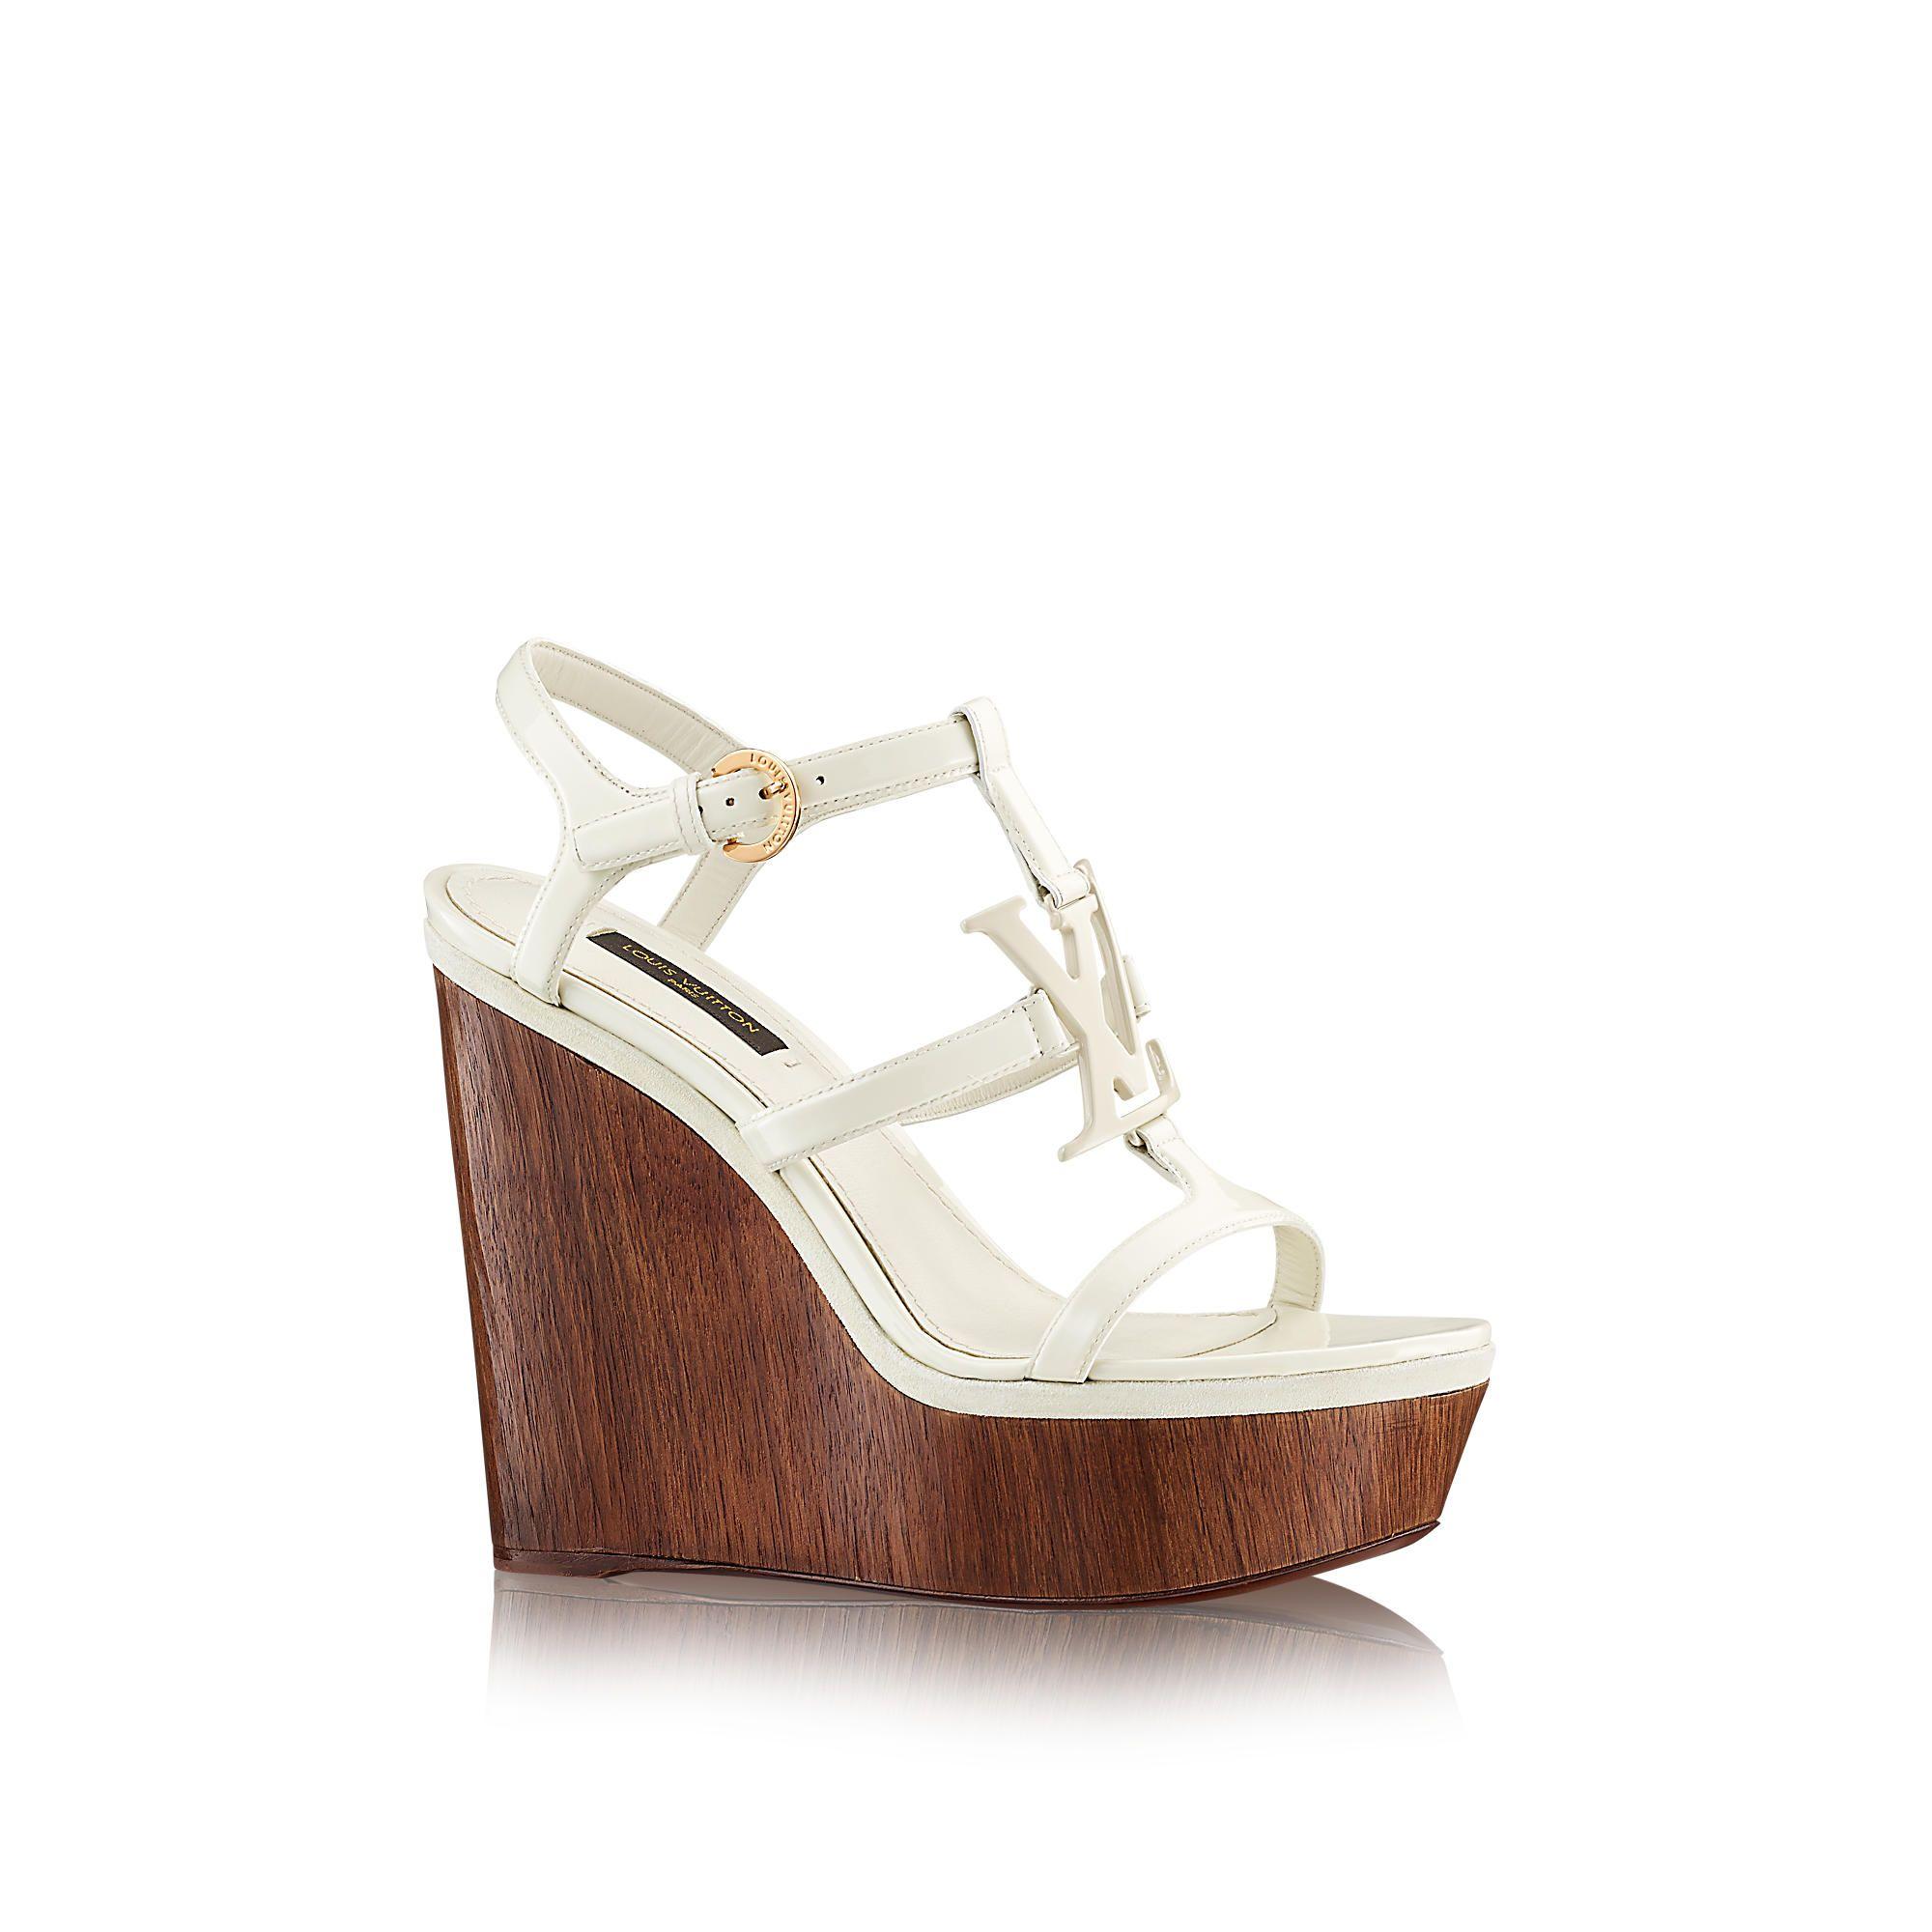 Discover Louis Vuitton Paradiso Sandal via Louis Vuitton